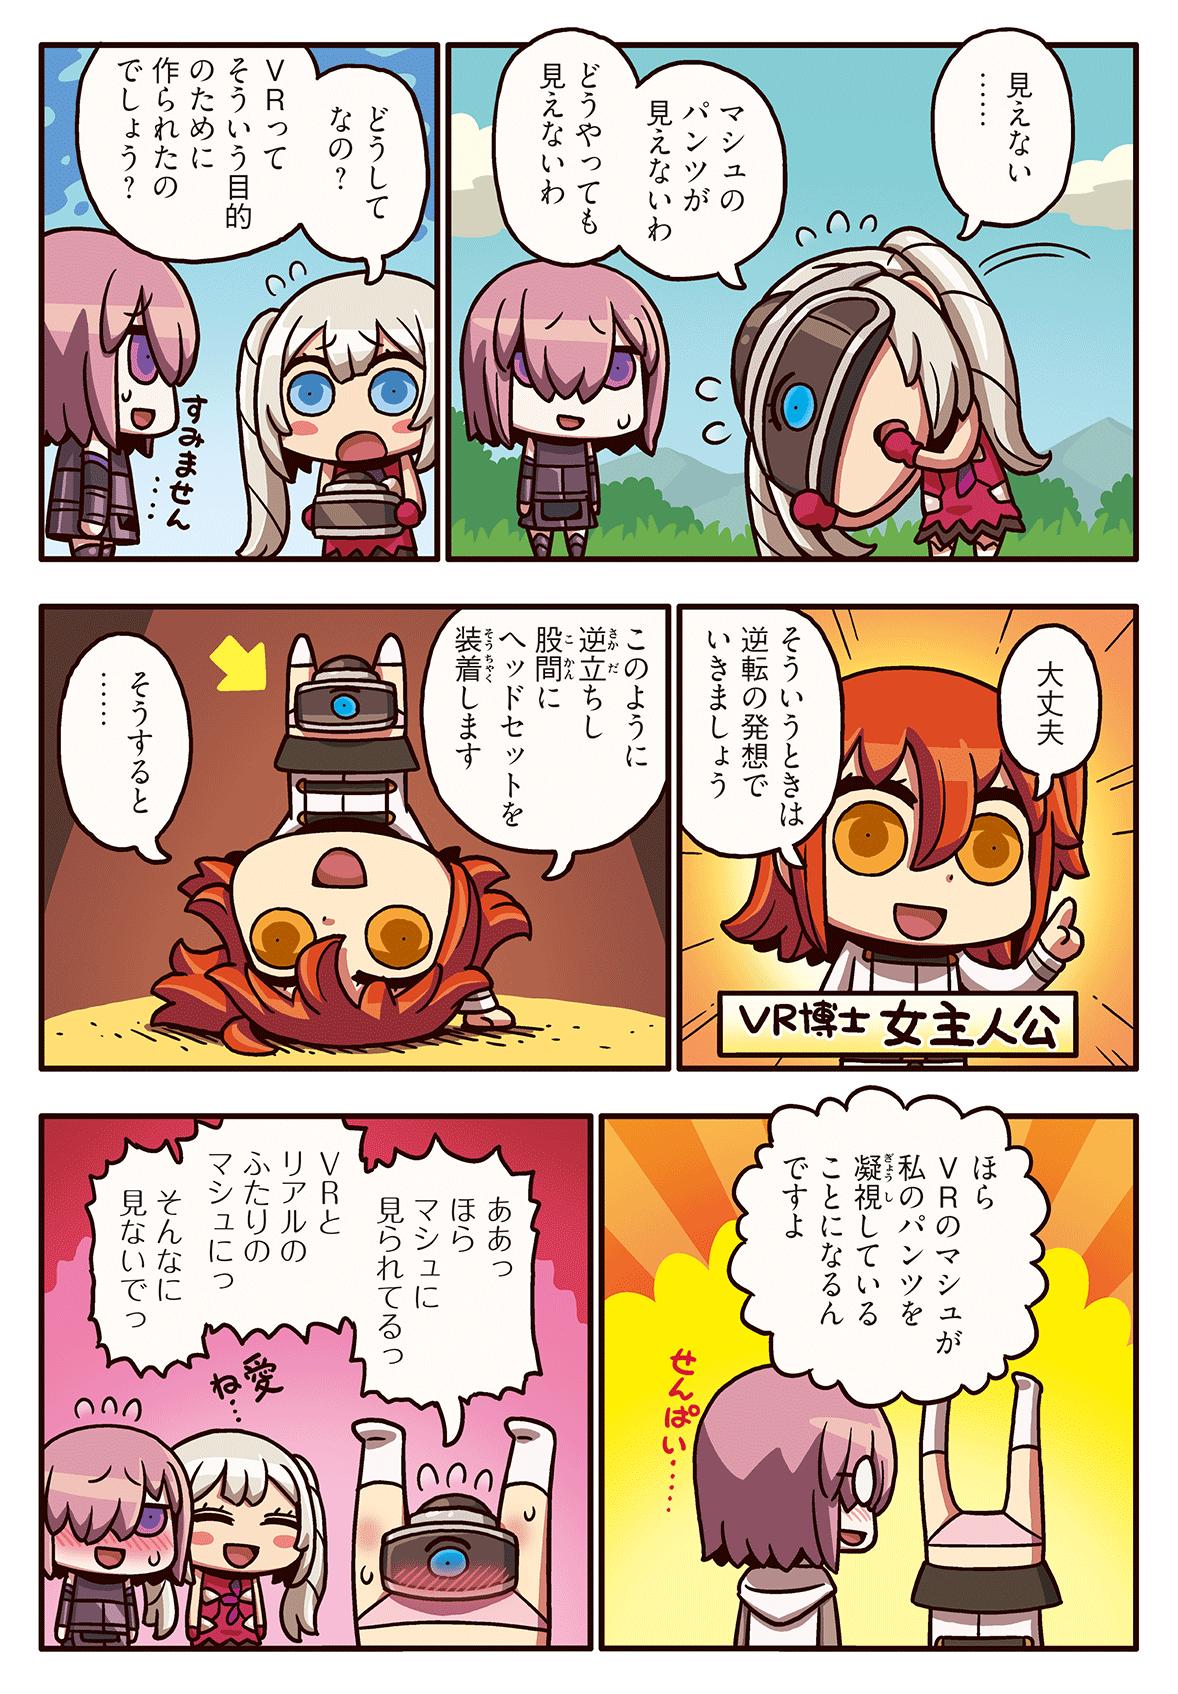 http://www.fate-go.jp/manga_fgo3/images/comic10/comic.png